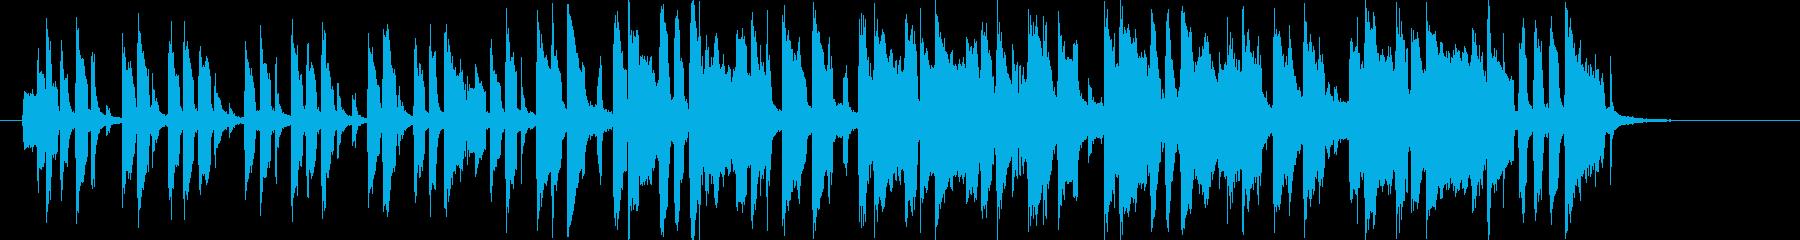 軽快で緩やかなメルヘンポップジングルの再生済みの波形